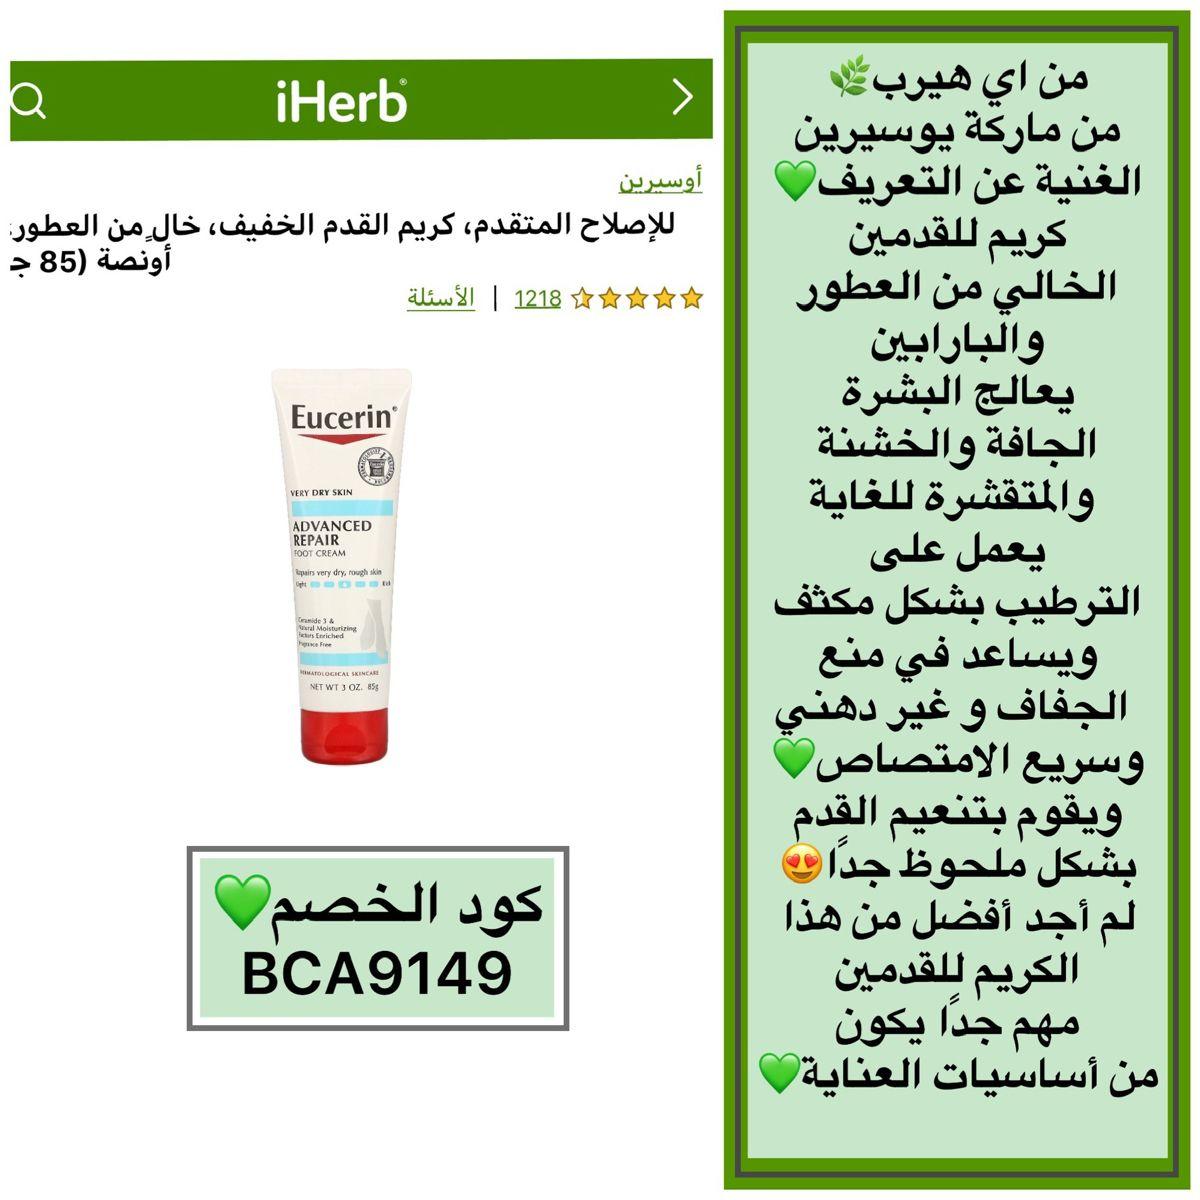 Eucerin للإصلاح المتقدم كريم القدم الخفيف خال من العطور 3 أونصة 85 جم Fragrance Free Products Eucerin Fragrance